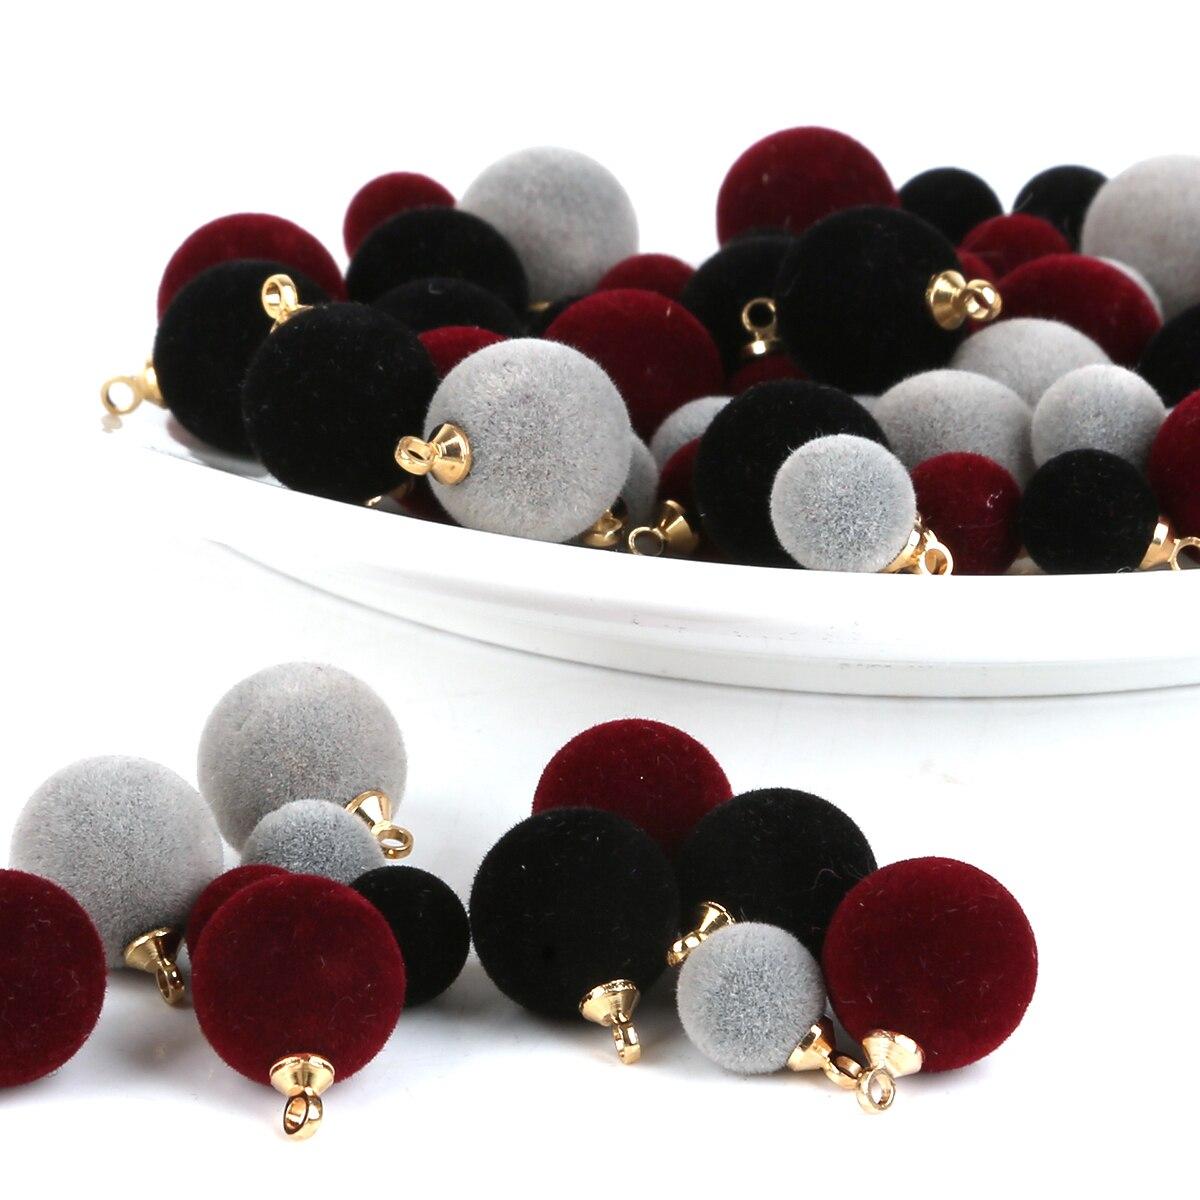 10 pçs/lote novo 12mm/8mm pano reunindo botões perfurados circulares preto/cinza/borgonha contas caber sacos de vestuário artesanato decoração